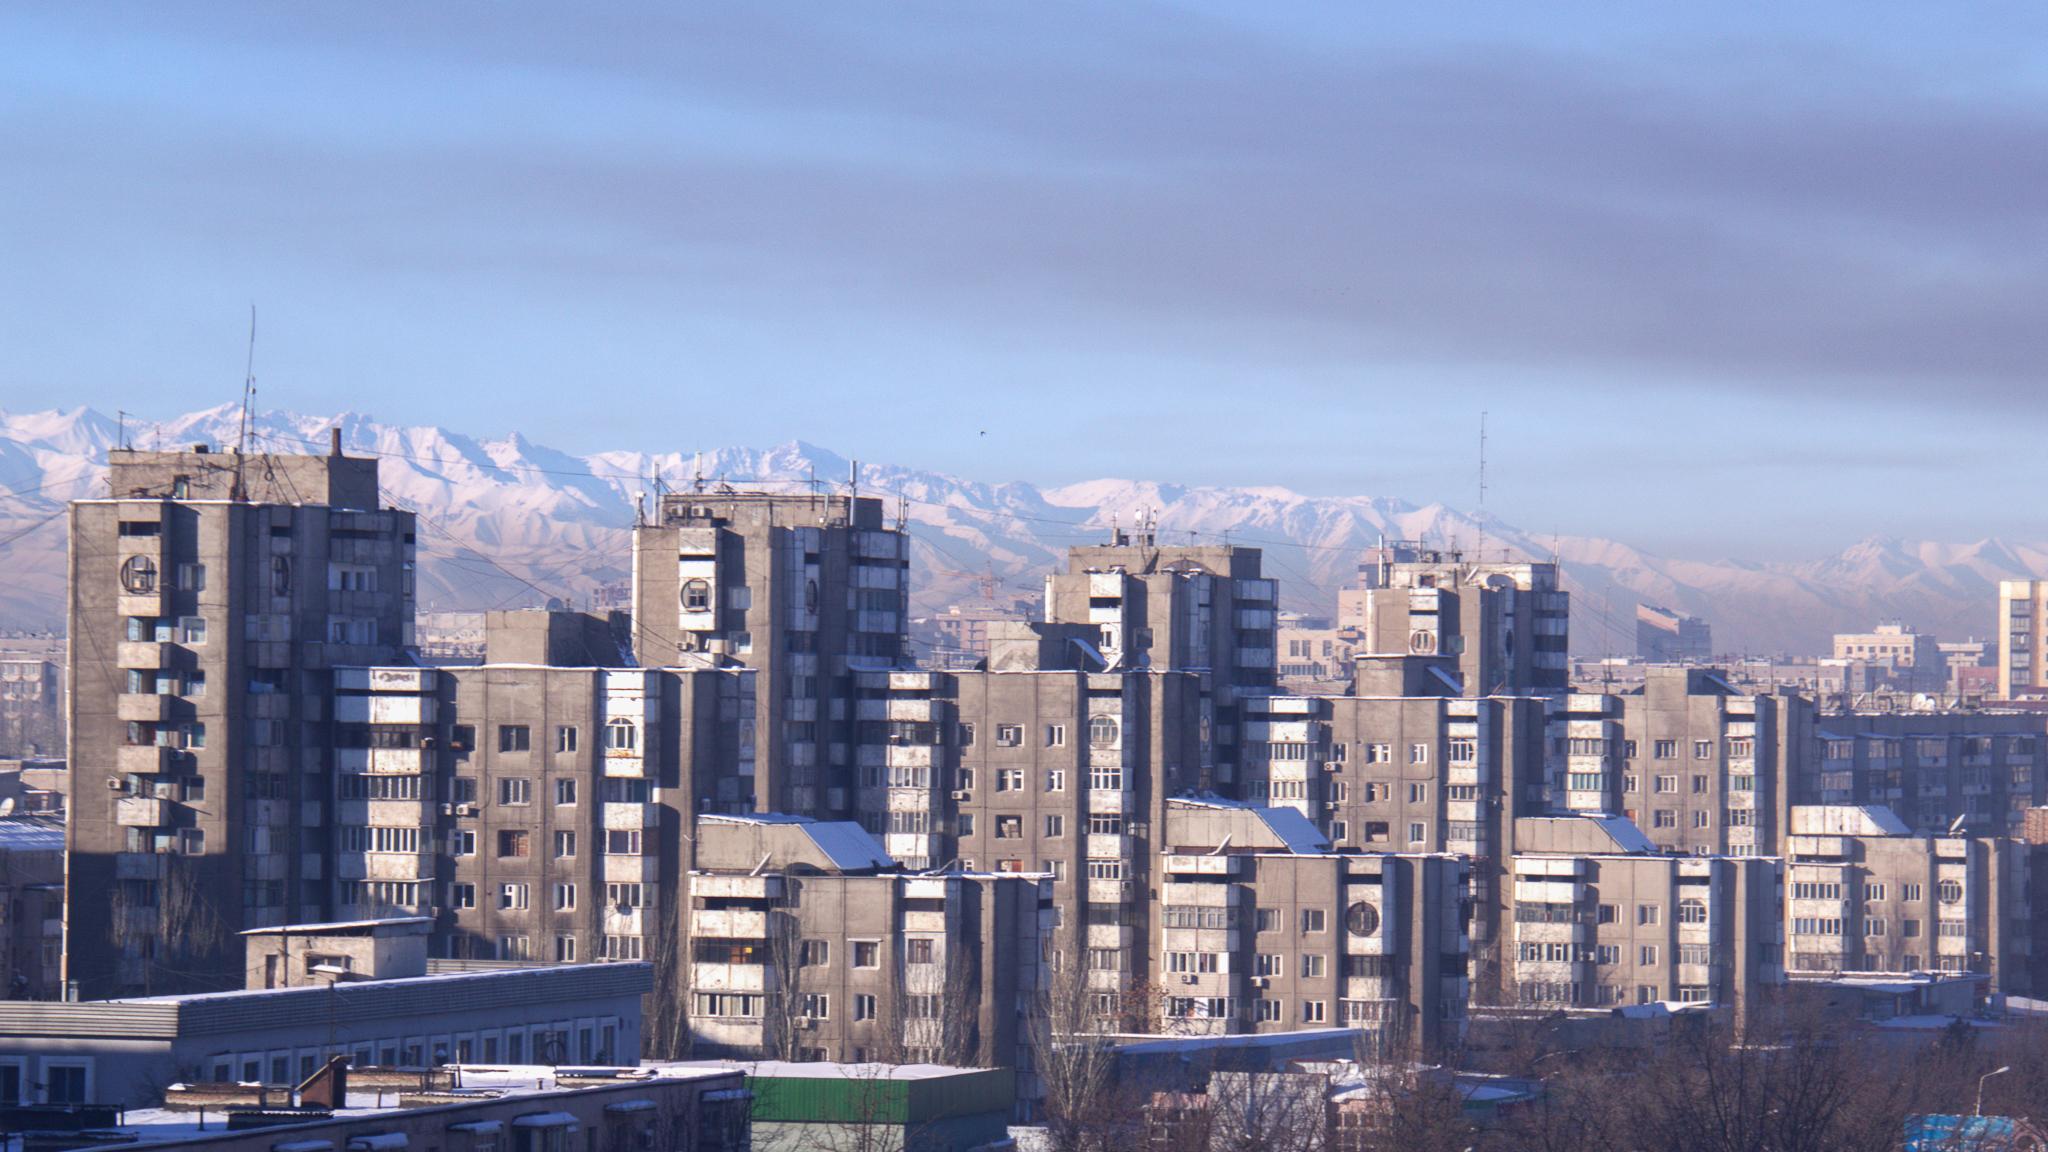 В очередной раз близость гор внушает нам, что фото сделано в микрорайонах. На самом деле это гряда домов-близнецов в Востоке-5.